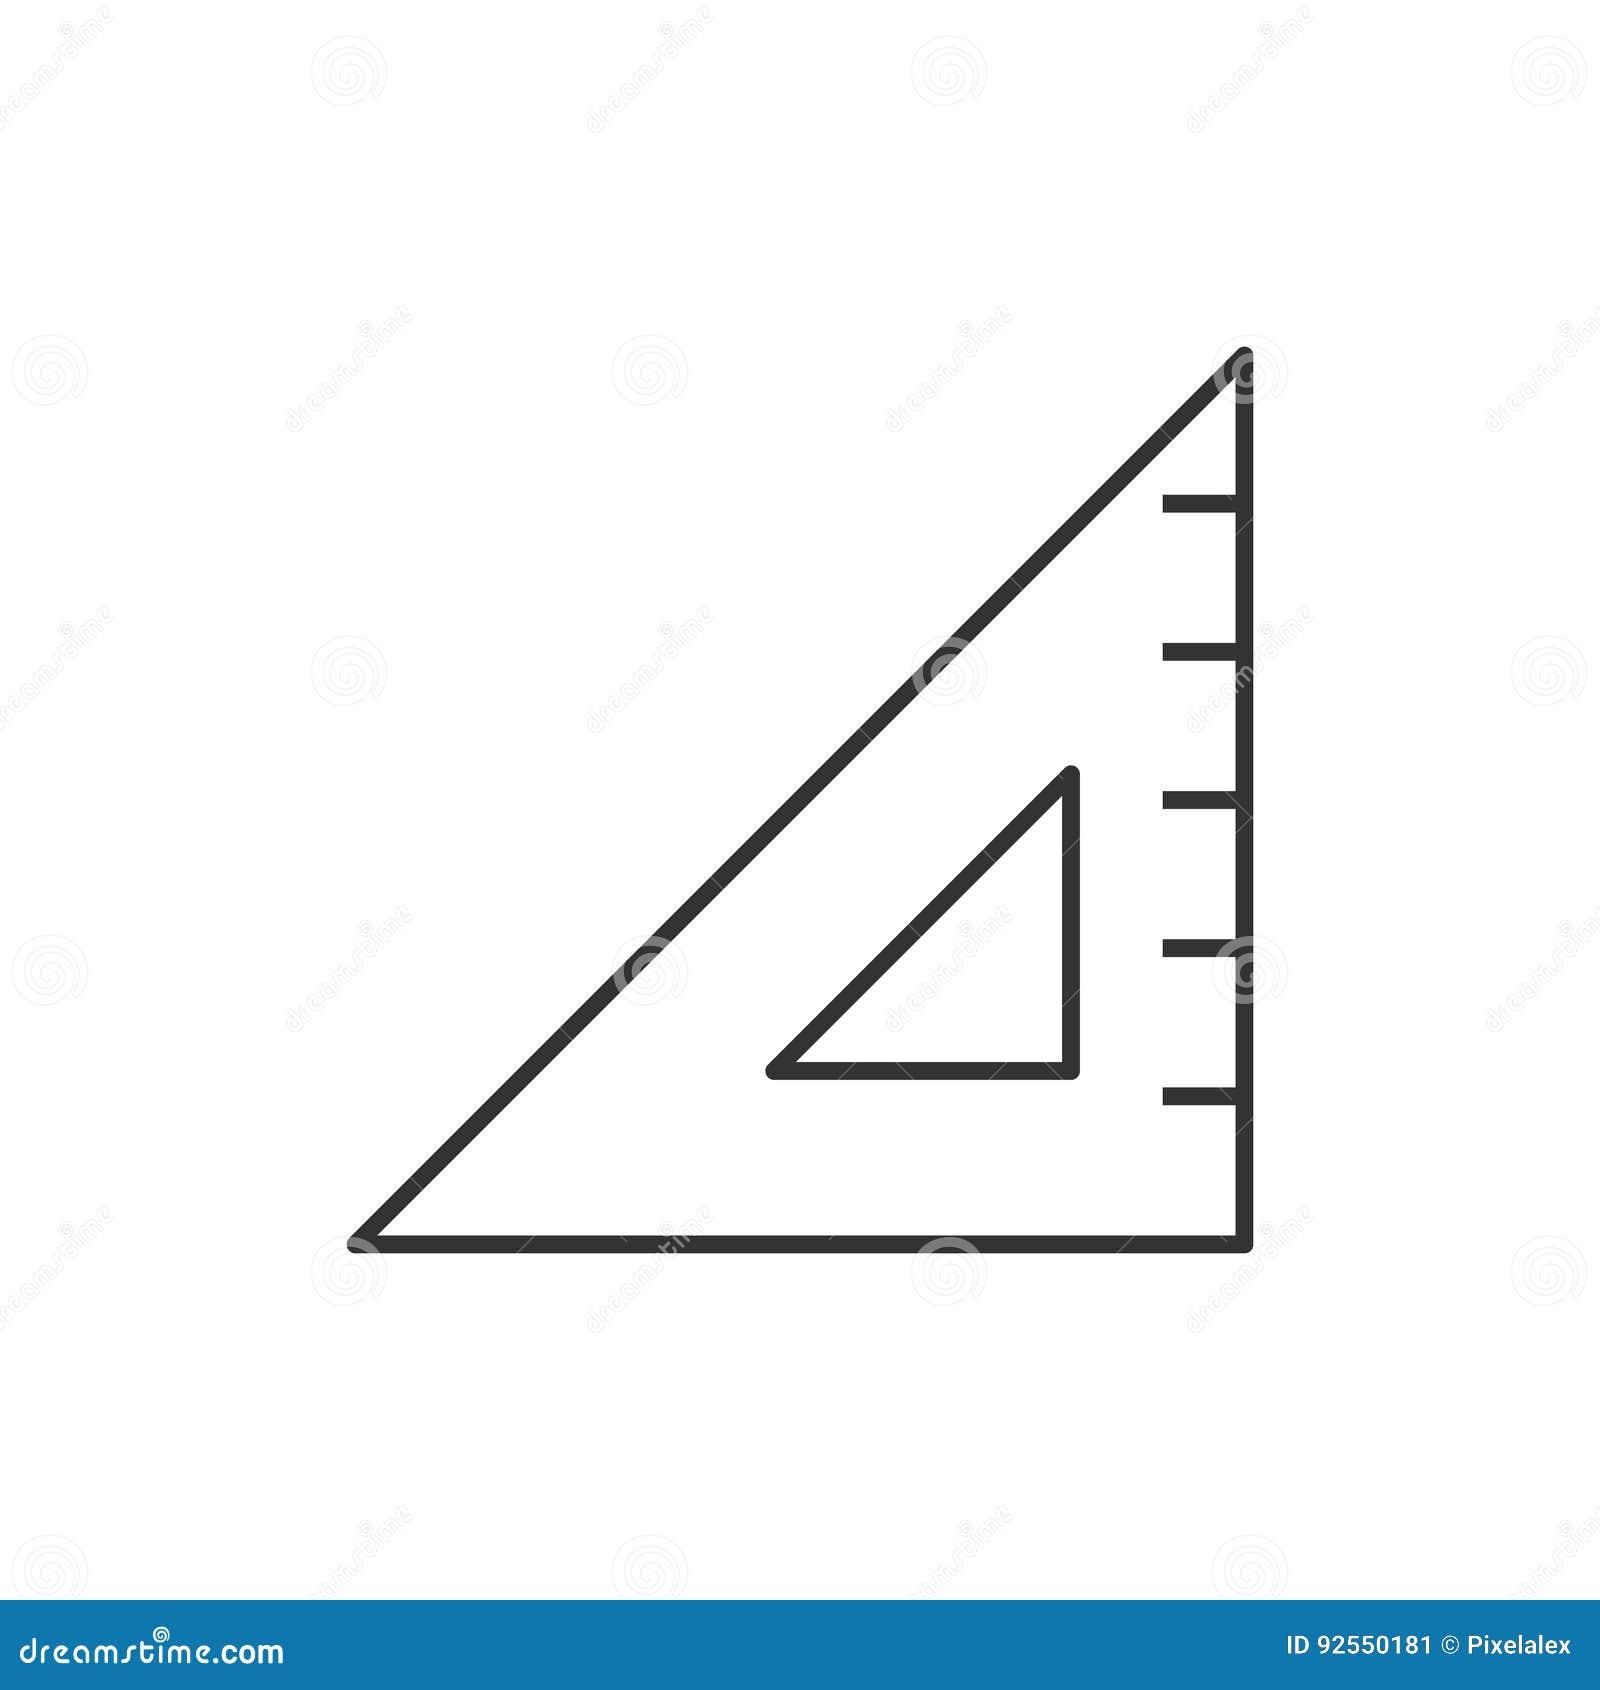 Linea del regolo triangolare icona